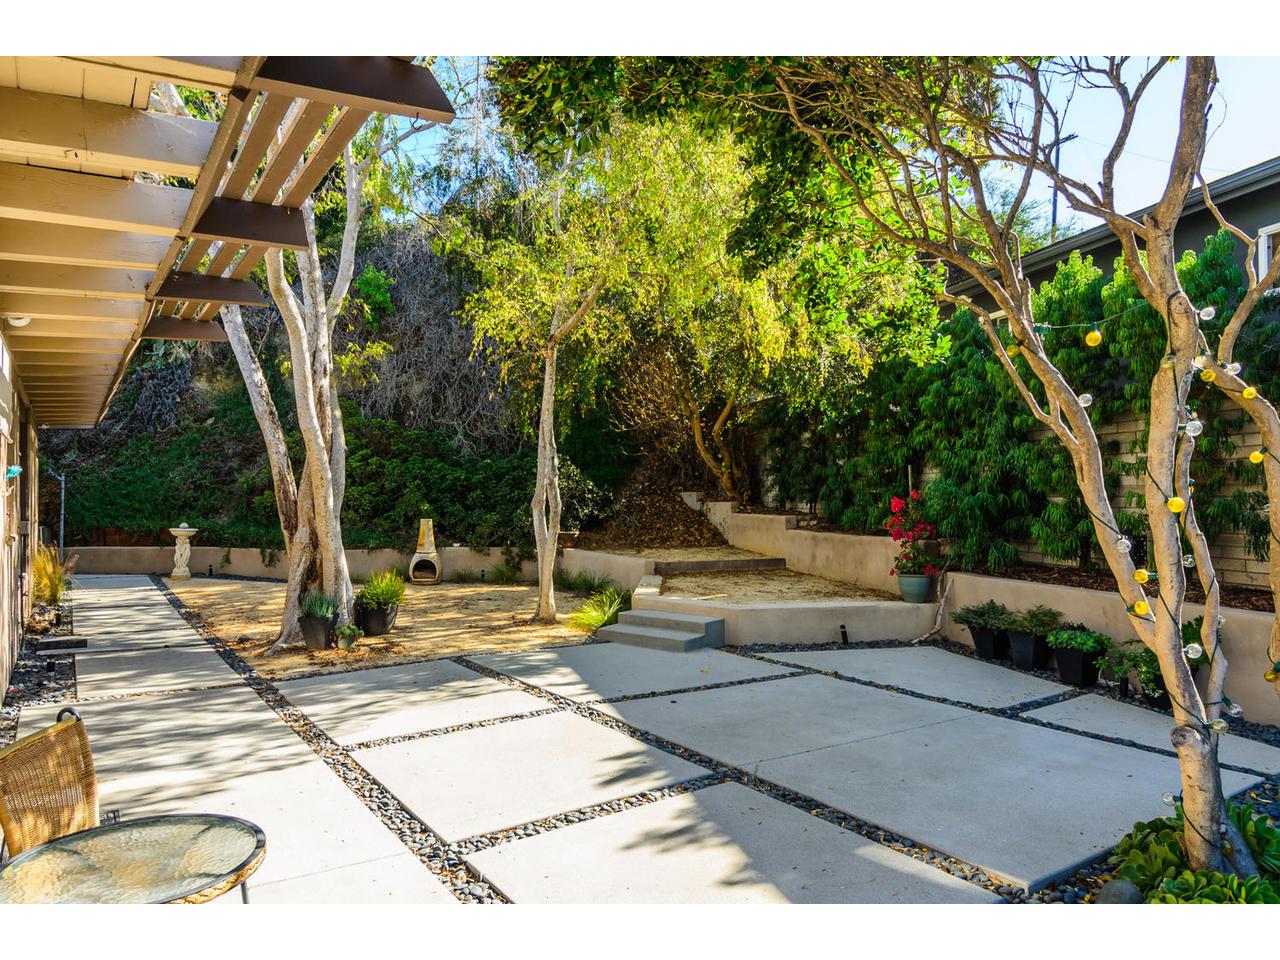 3065 Eagle St San Diego CA-MLS_Size-010-3065 Eagle Street San Diego CA-1280x960-72dpi.jpg